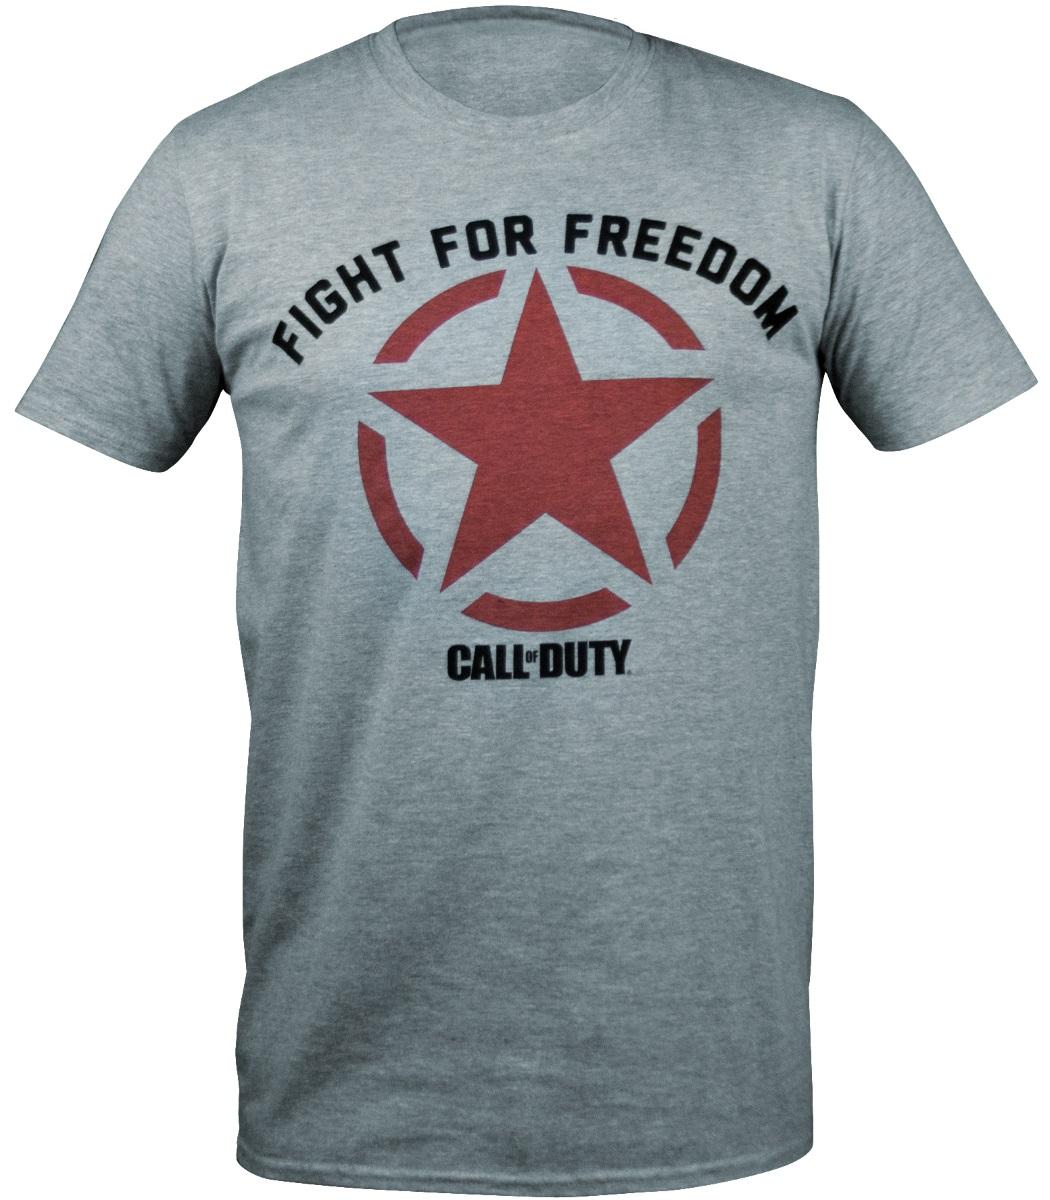 Футболка Call Of Duty WWII: Fight For Freedom Star (серая) (S)Лицензионная футболка с круглым воротом из 100% хлопка Call Of Duty WWII: Fight For Freedom Star станет отличным подарком для фанатов игры и легендарной серии в целом.<br>